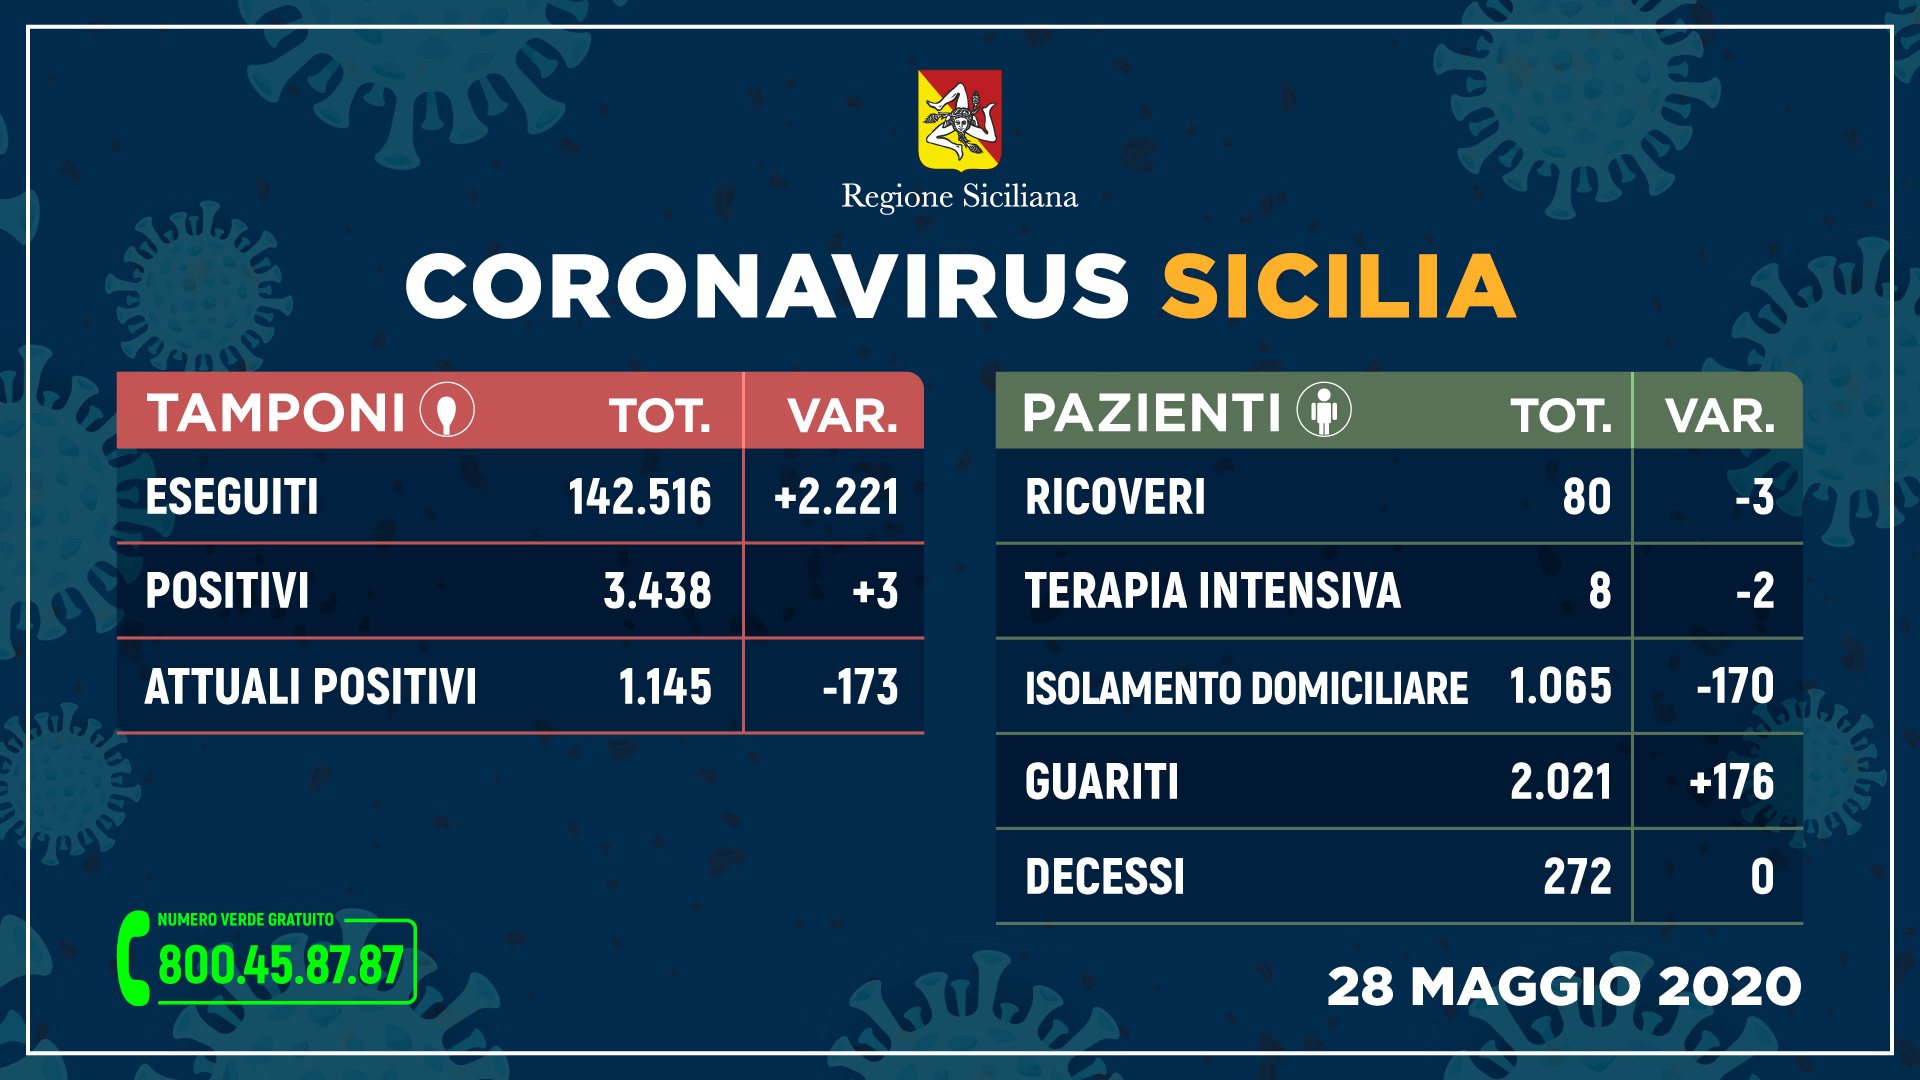 Coronavirus, in Sicilia boom di guariti e nessun decesso. In 24h tre contagiati